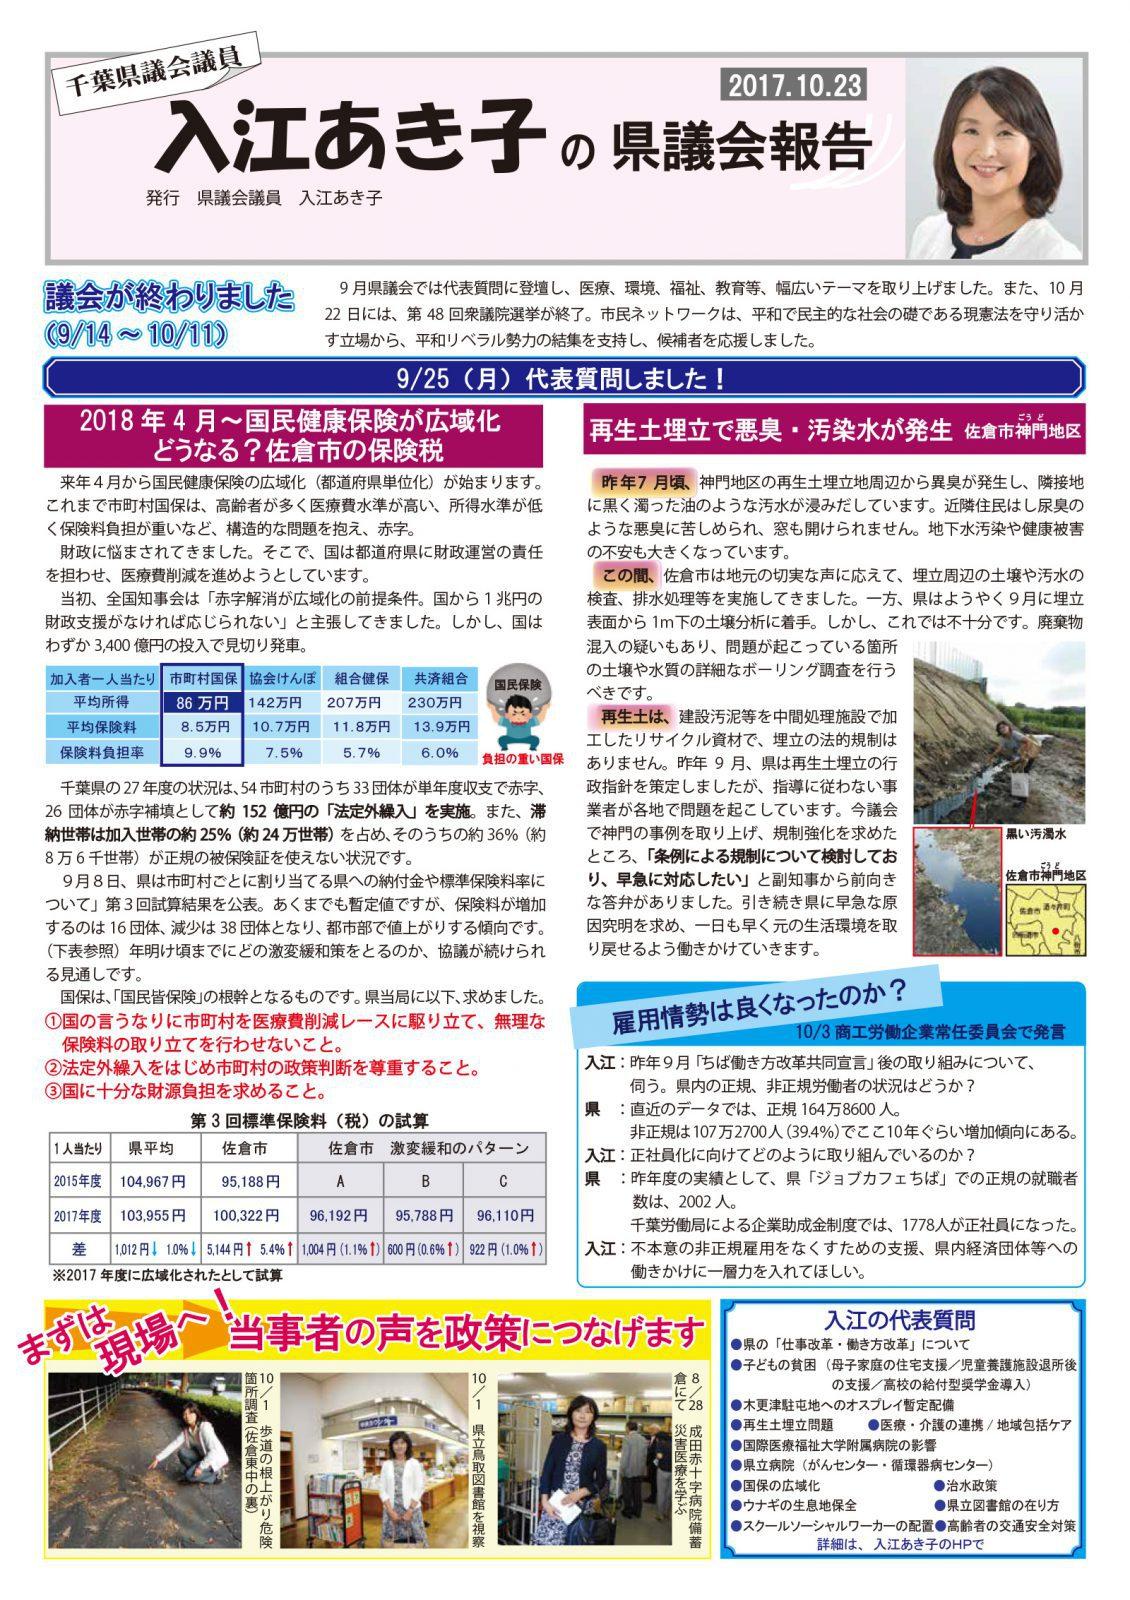 入江あき子の県議会報告 2017年10月23日発行